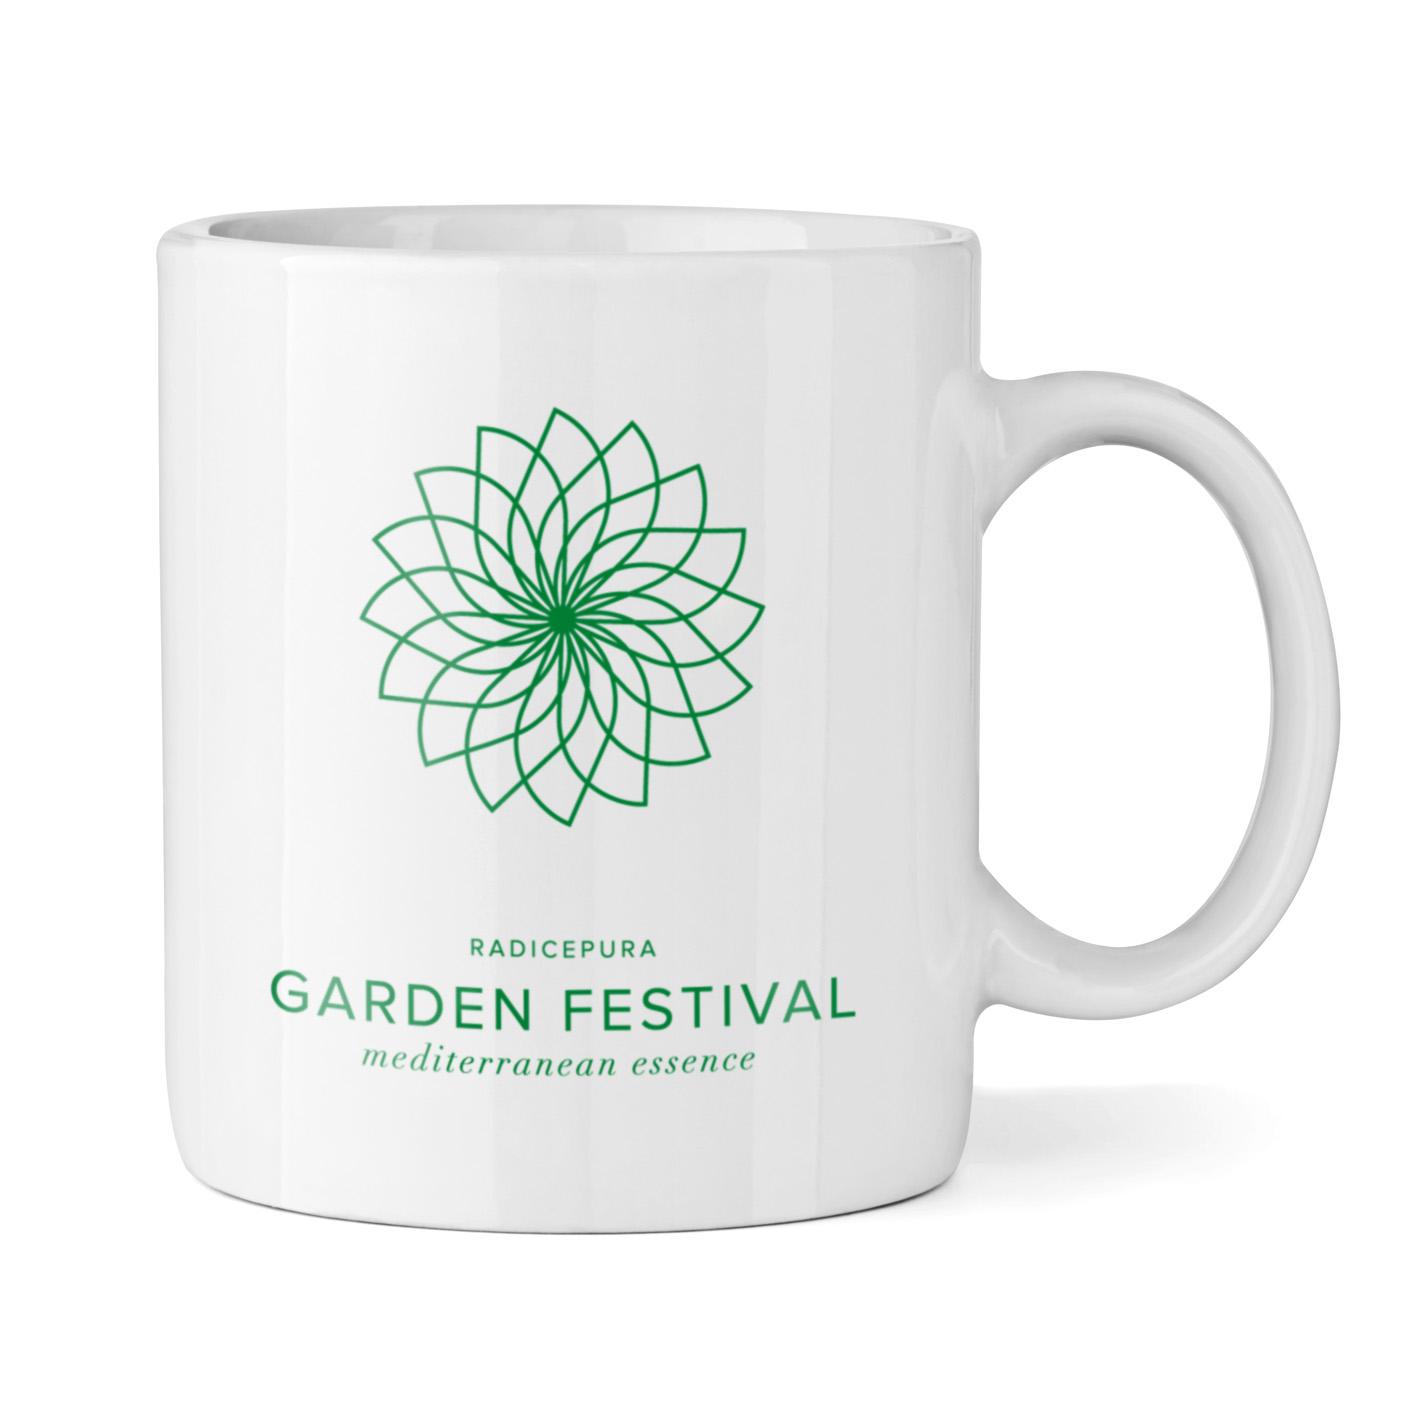 Tazza personalizzata per RadicePura Garden festival